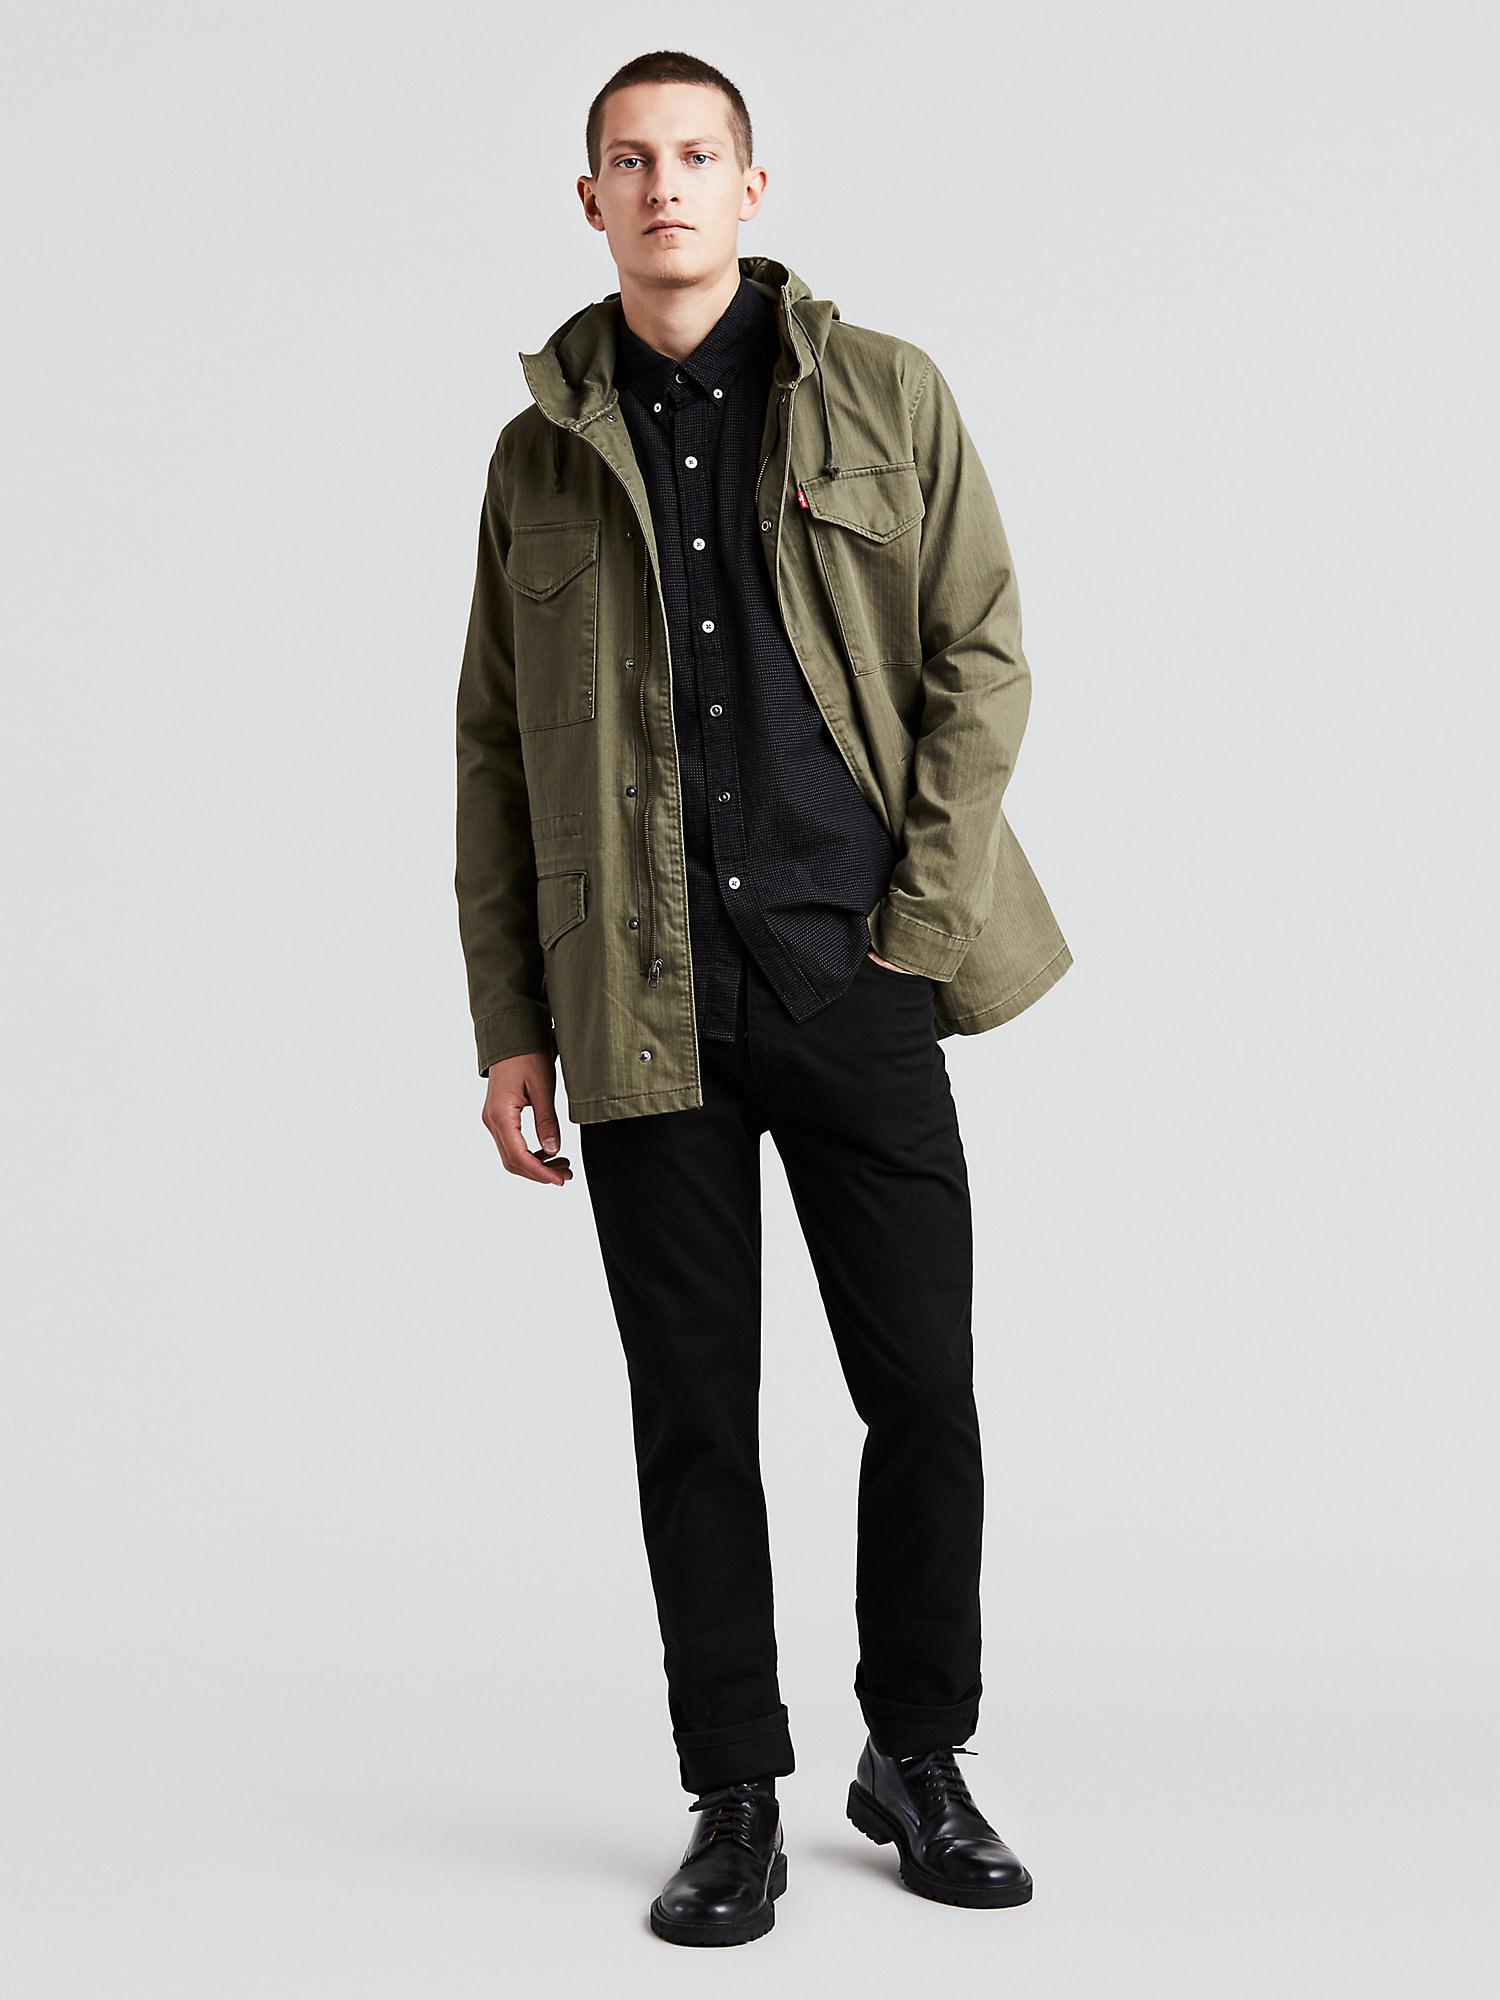 model wearing black levi's jeans